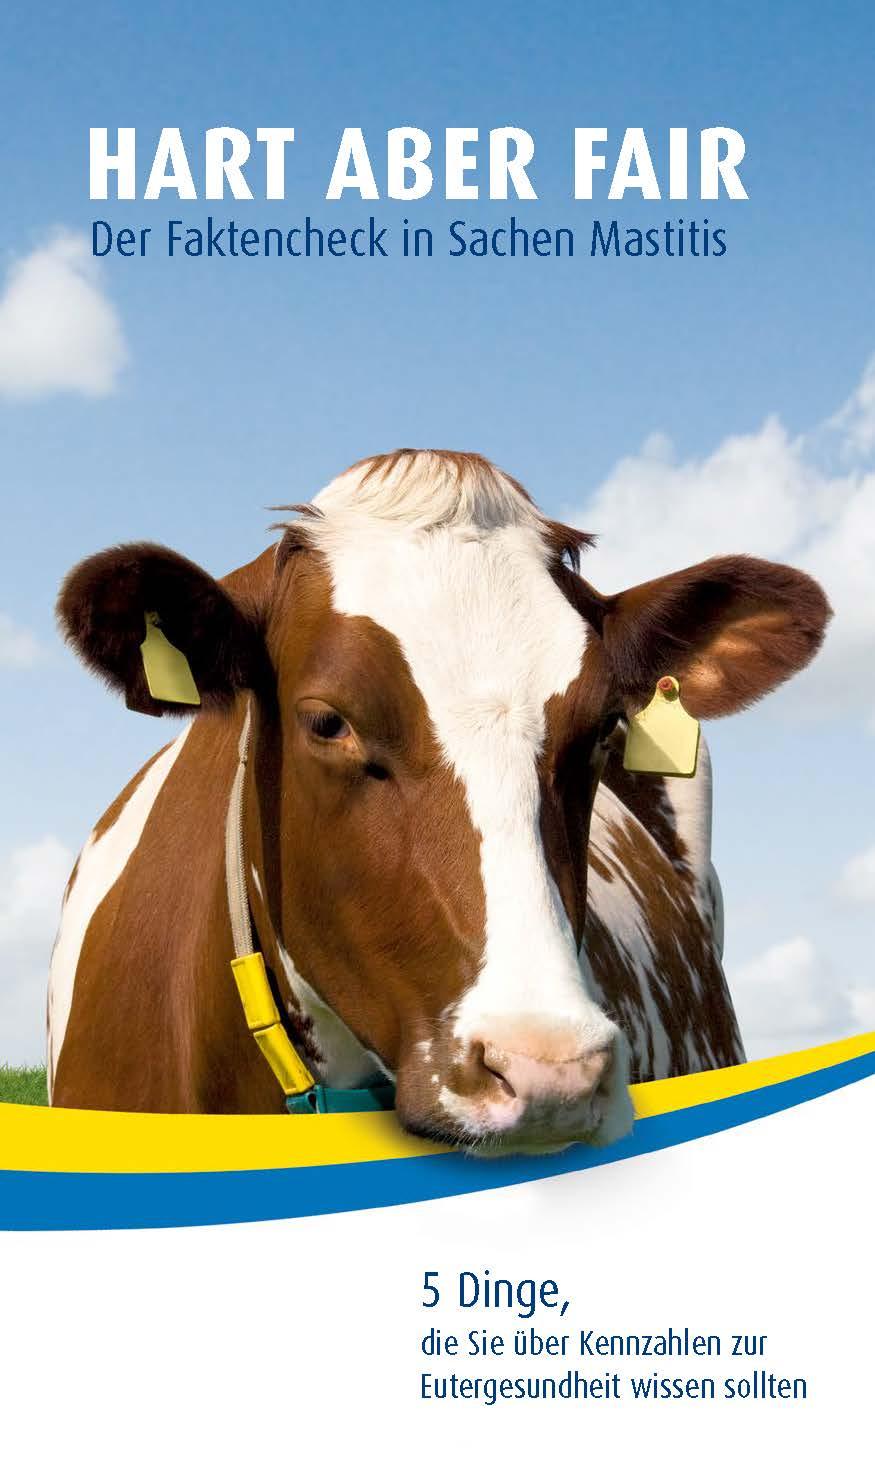 5 Dinge, die Sie über Kennzahlen zur Eutergesundheit wissen sollten